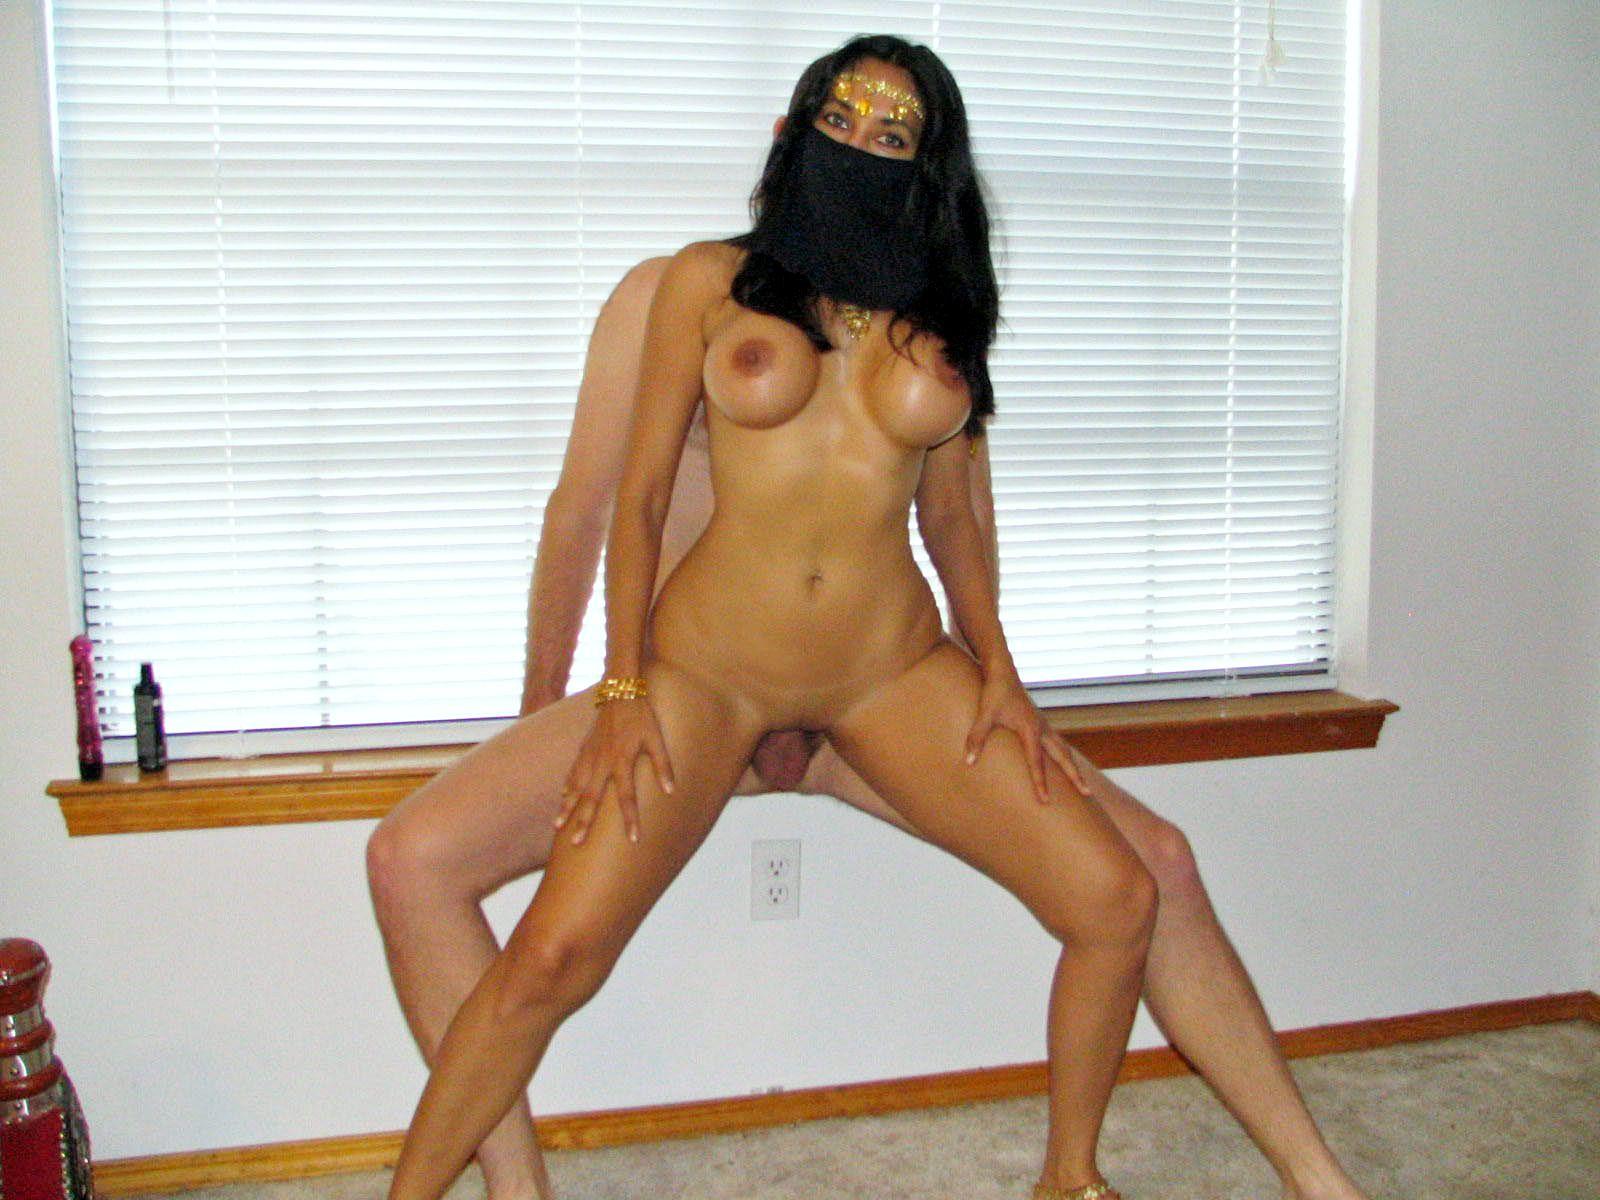 Частное порно Порно видео и фото из частных коллекций